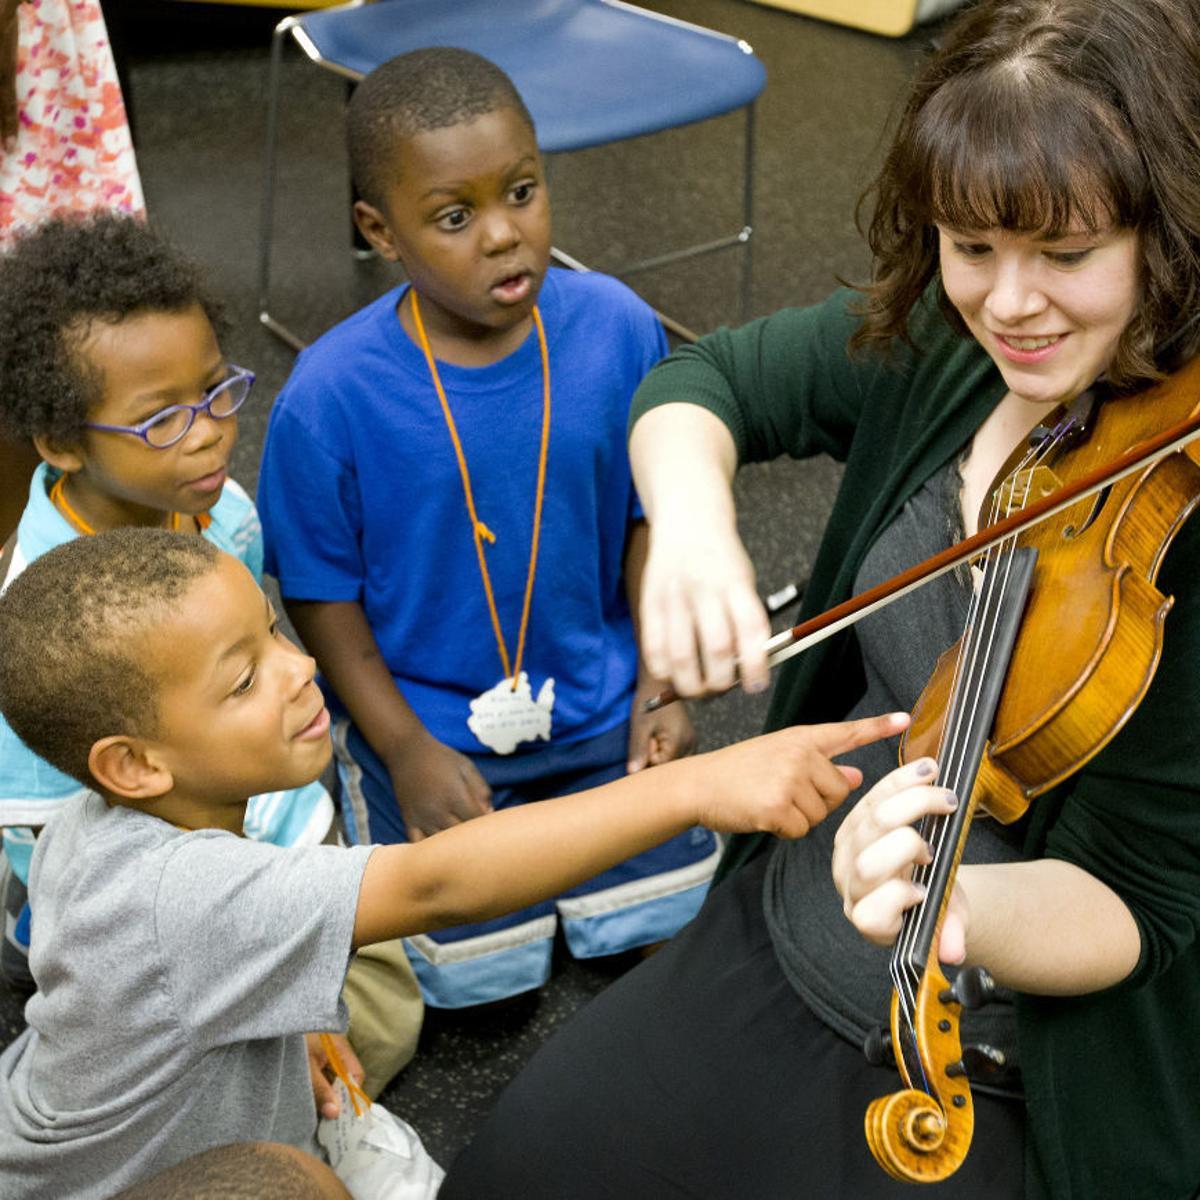 Upcoming week at Greensboro's EMF: free library performances